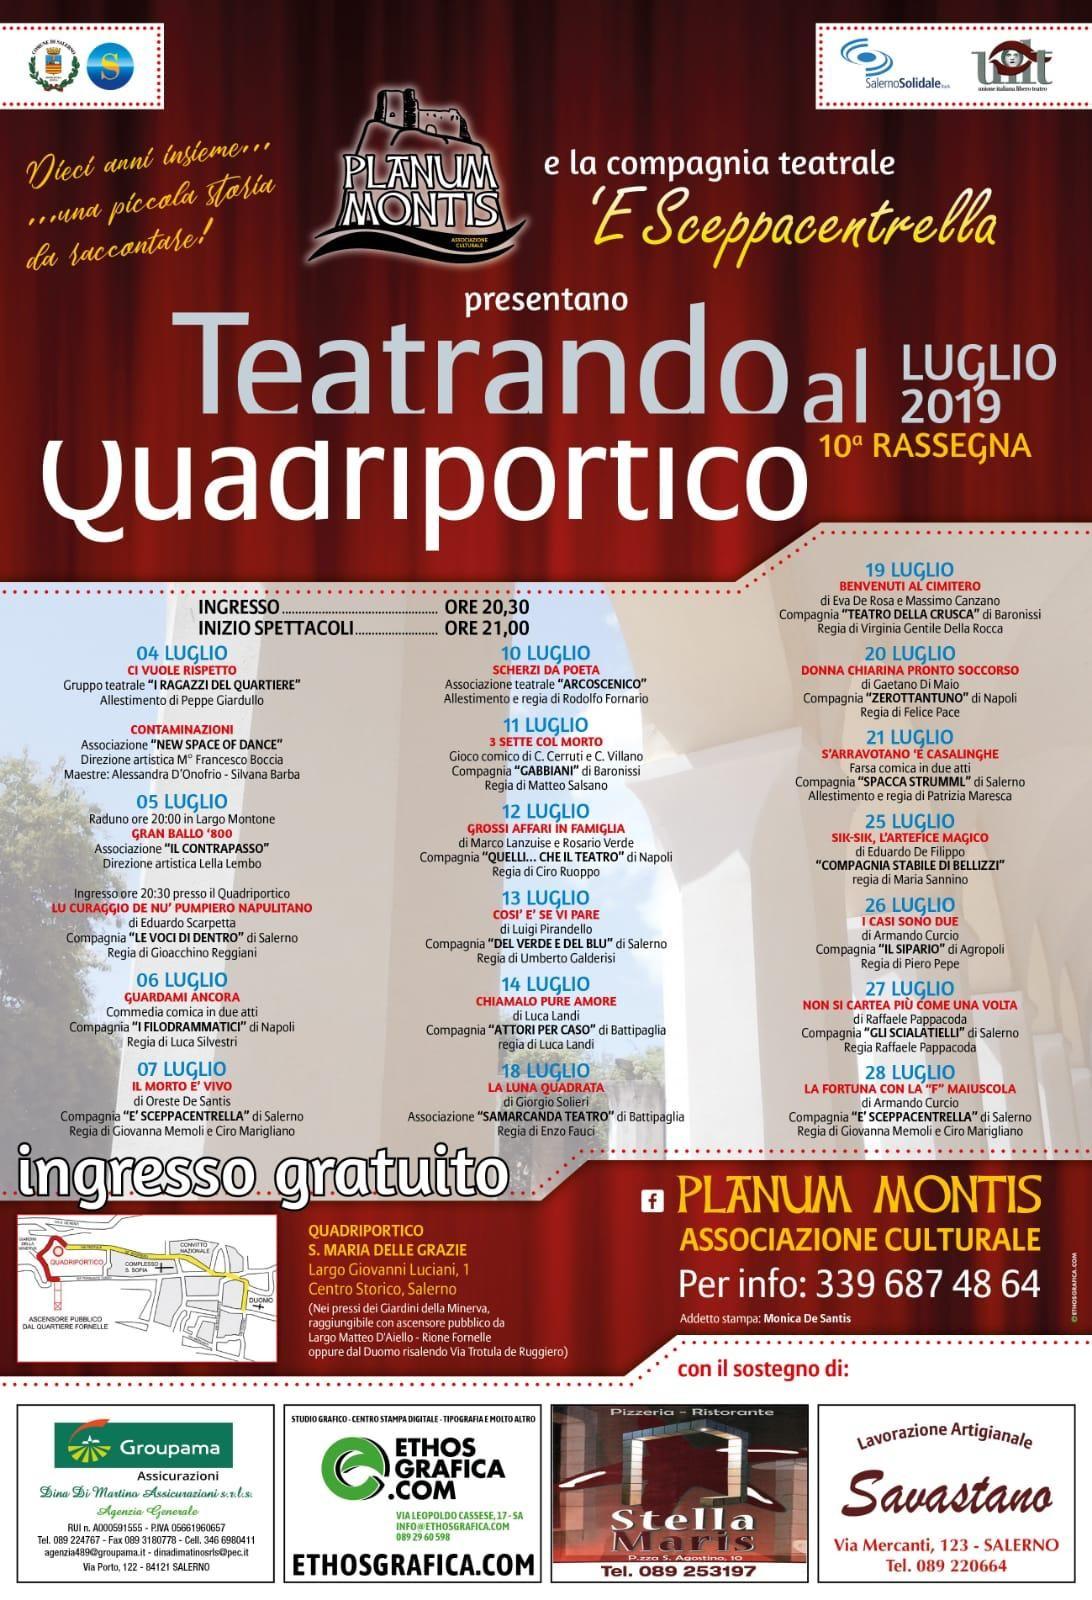 Teatrando Quadriportico, Salerno : il tabellone